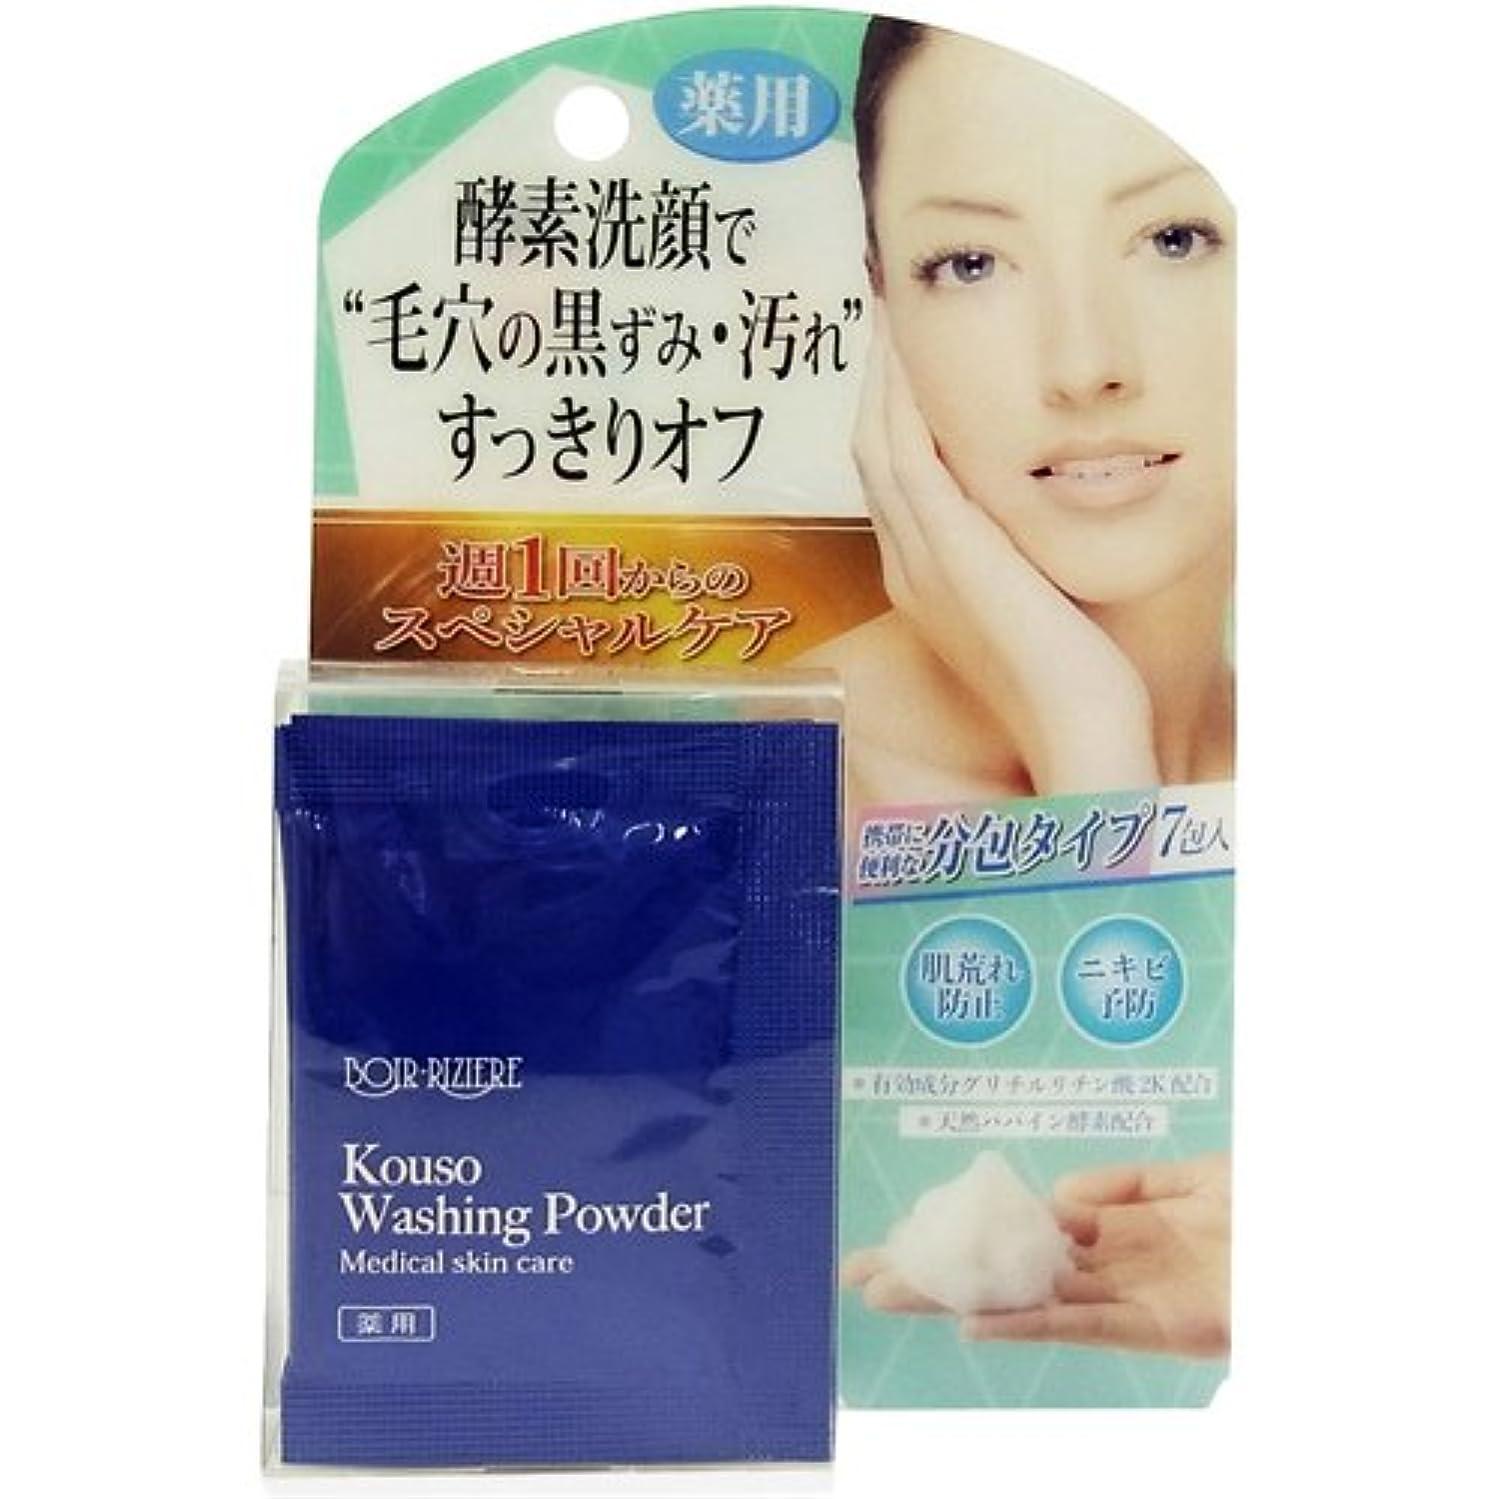 ペット食料品店ブラウズボア?リジェール 薬用酵素洗顔パウダー (1.5g×7包)